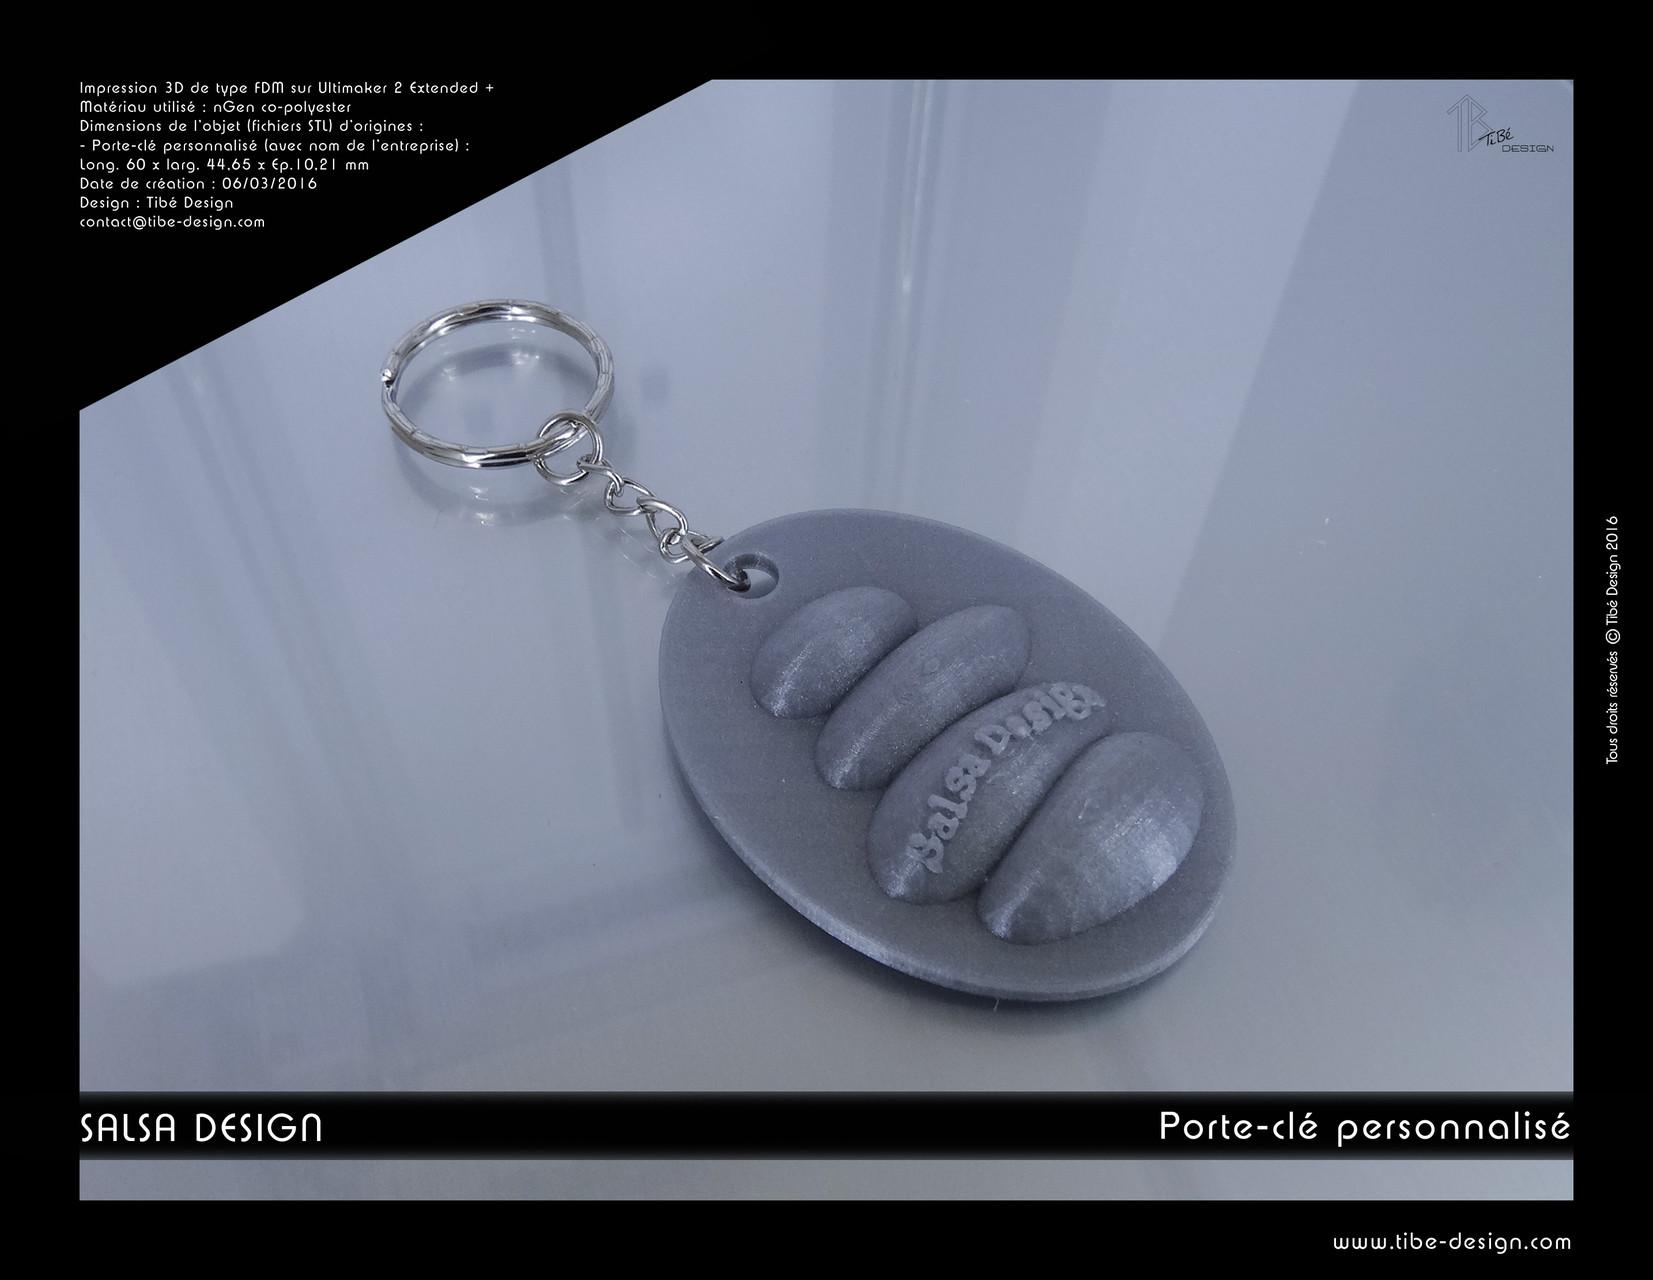 Porte-clés personnalisé print 3D Salsa Design